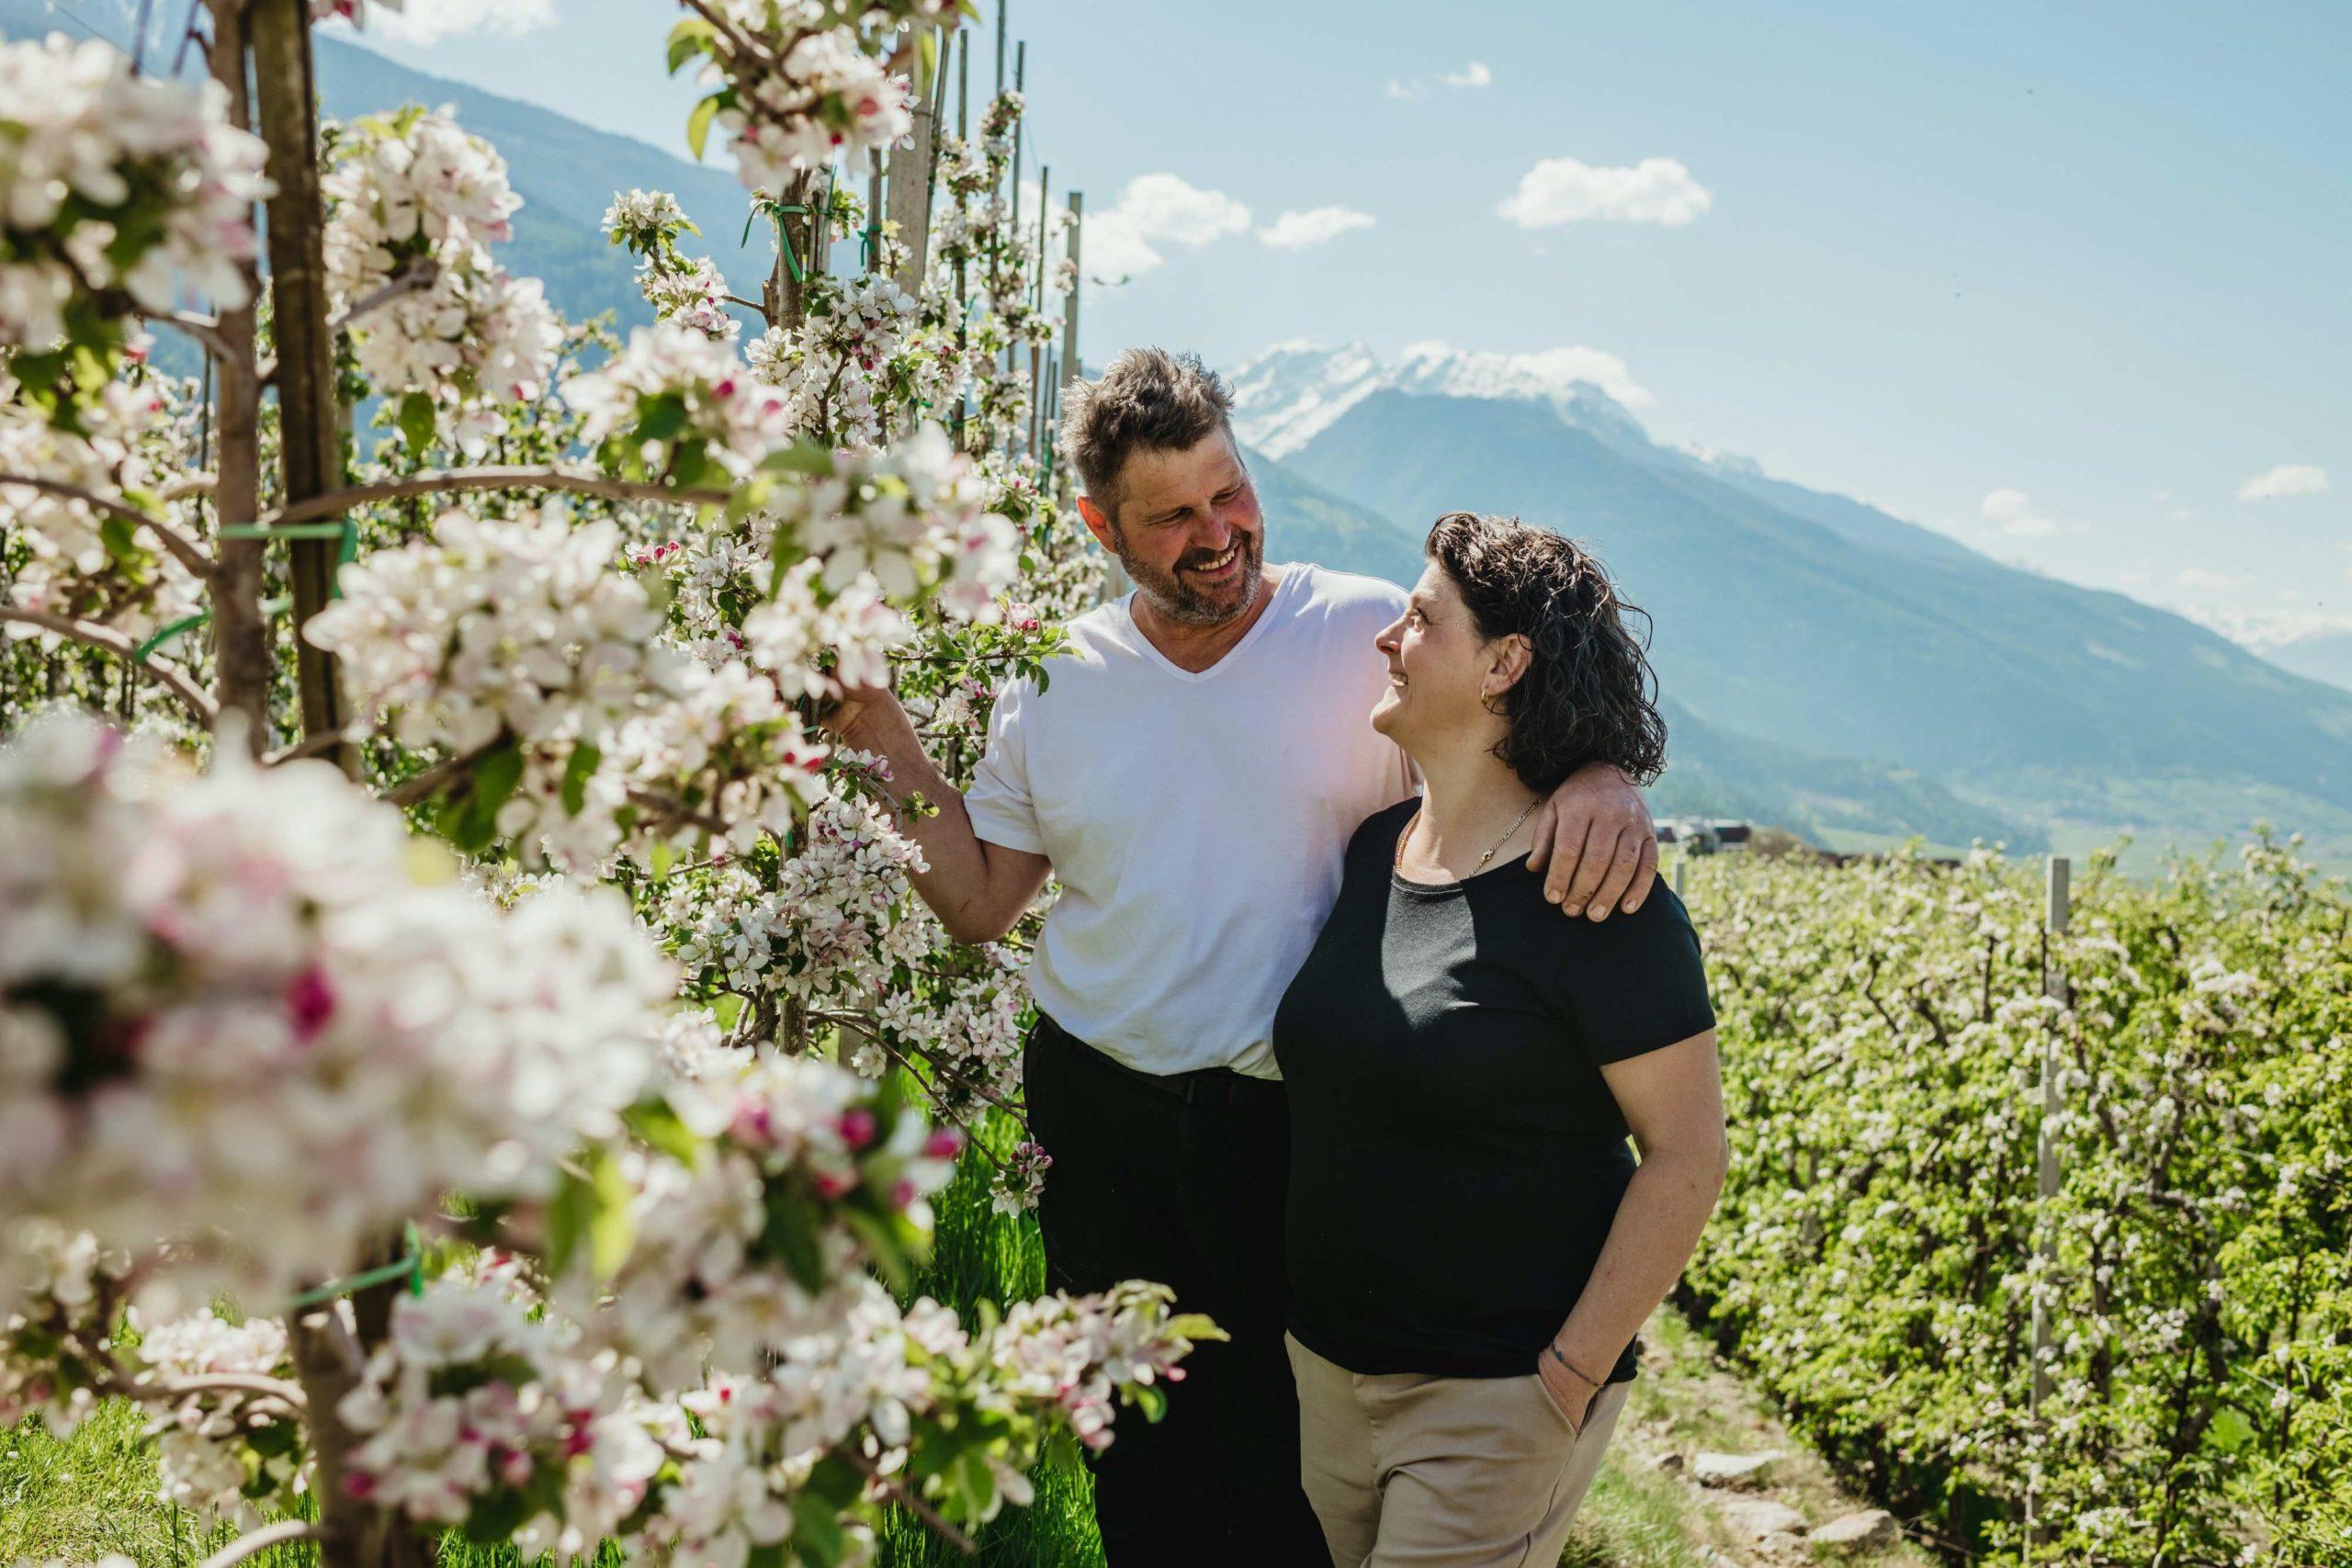 La floración de los manzanos de Val Venosta: un espectáculo de naturaleza